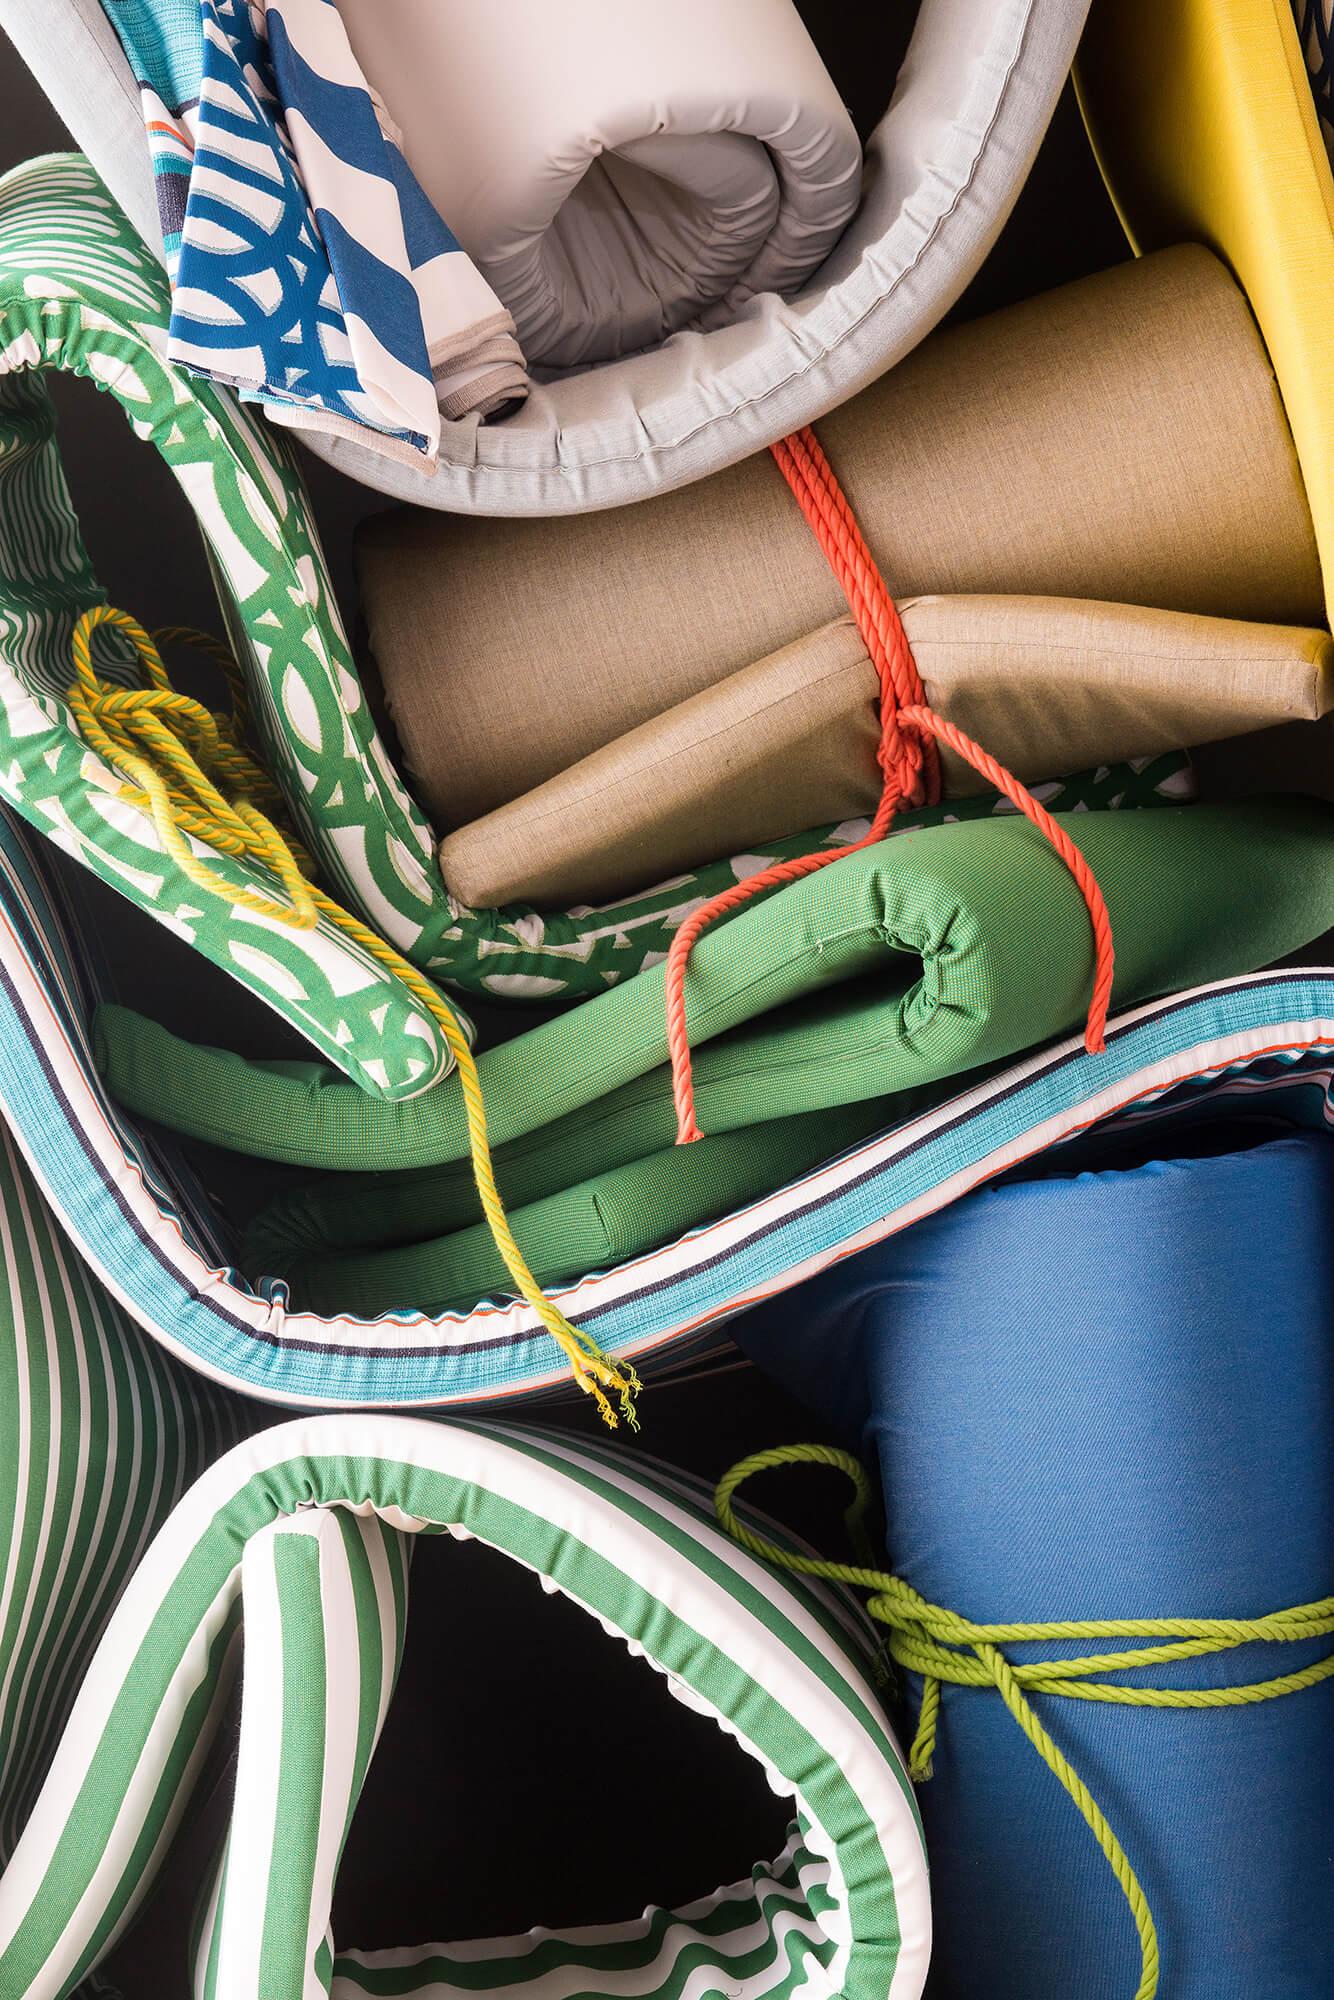 เบาะสีสว่างมากมายวางเรียง พับ และมัดเข้าด้วยกันด้วยเชือกถัก Sunbrella